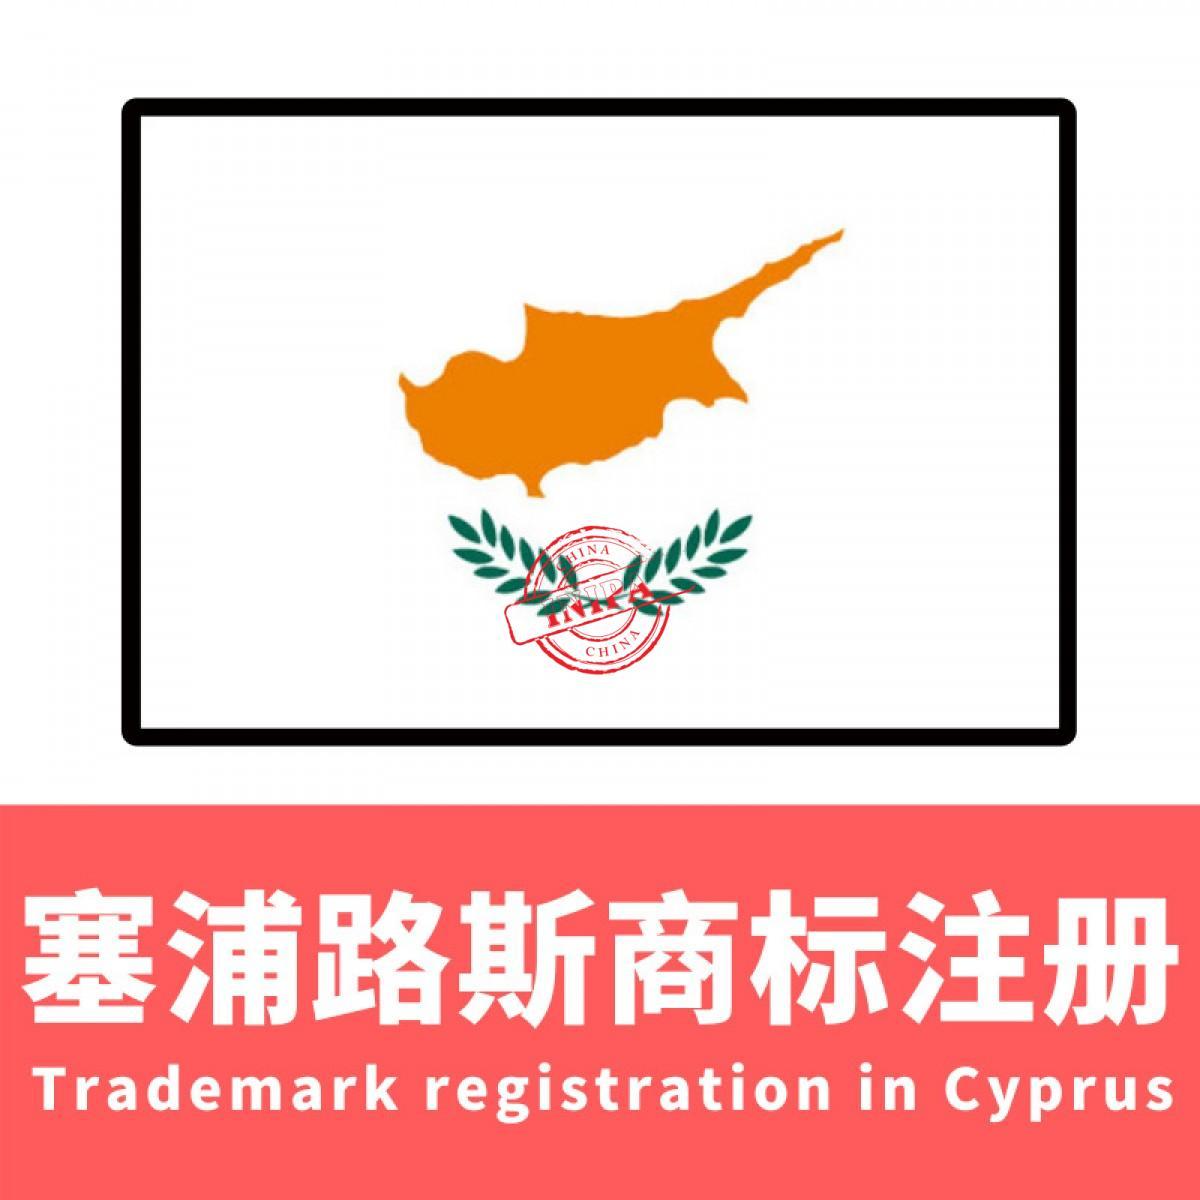 塞浦路斯商标注册/Trademark registration in Cyprus